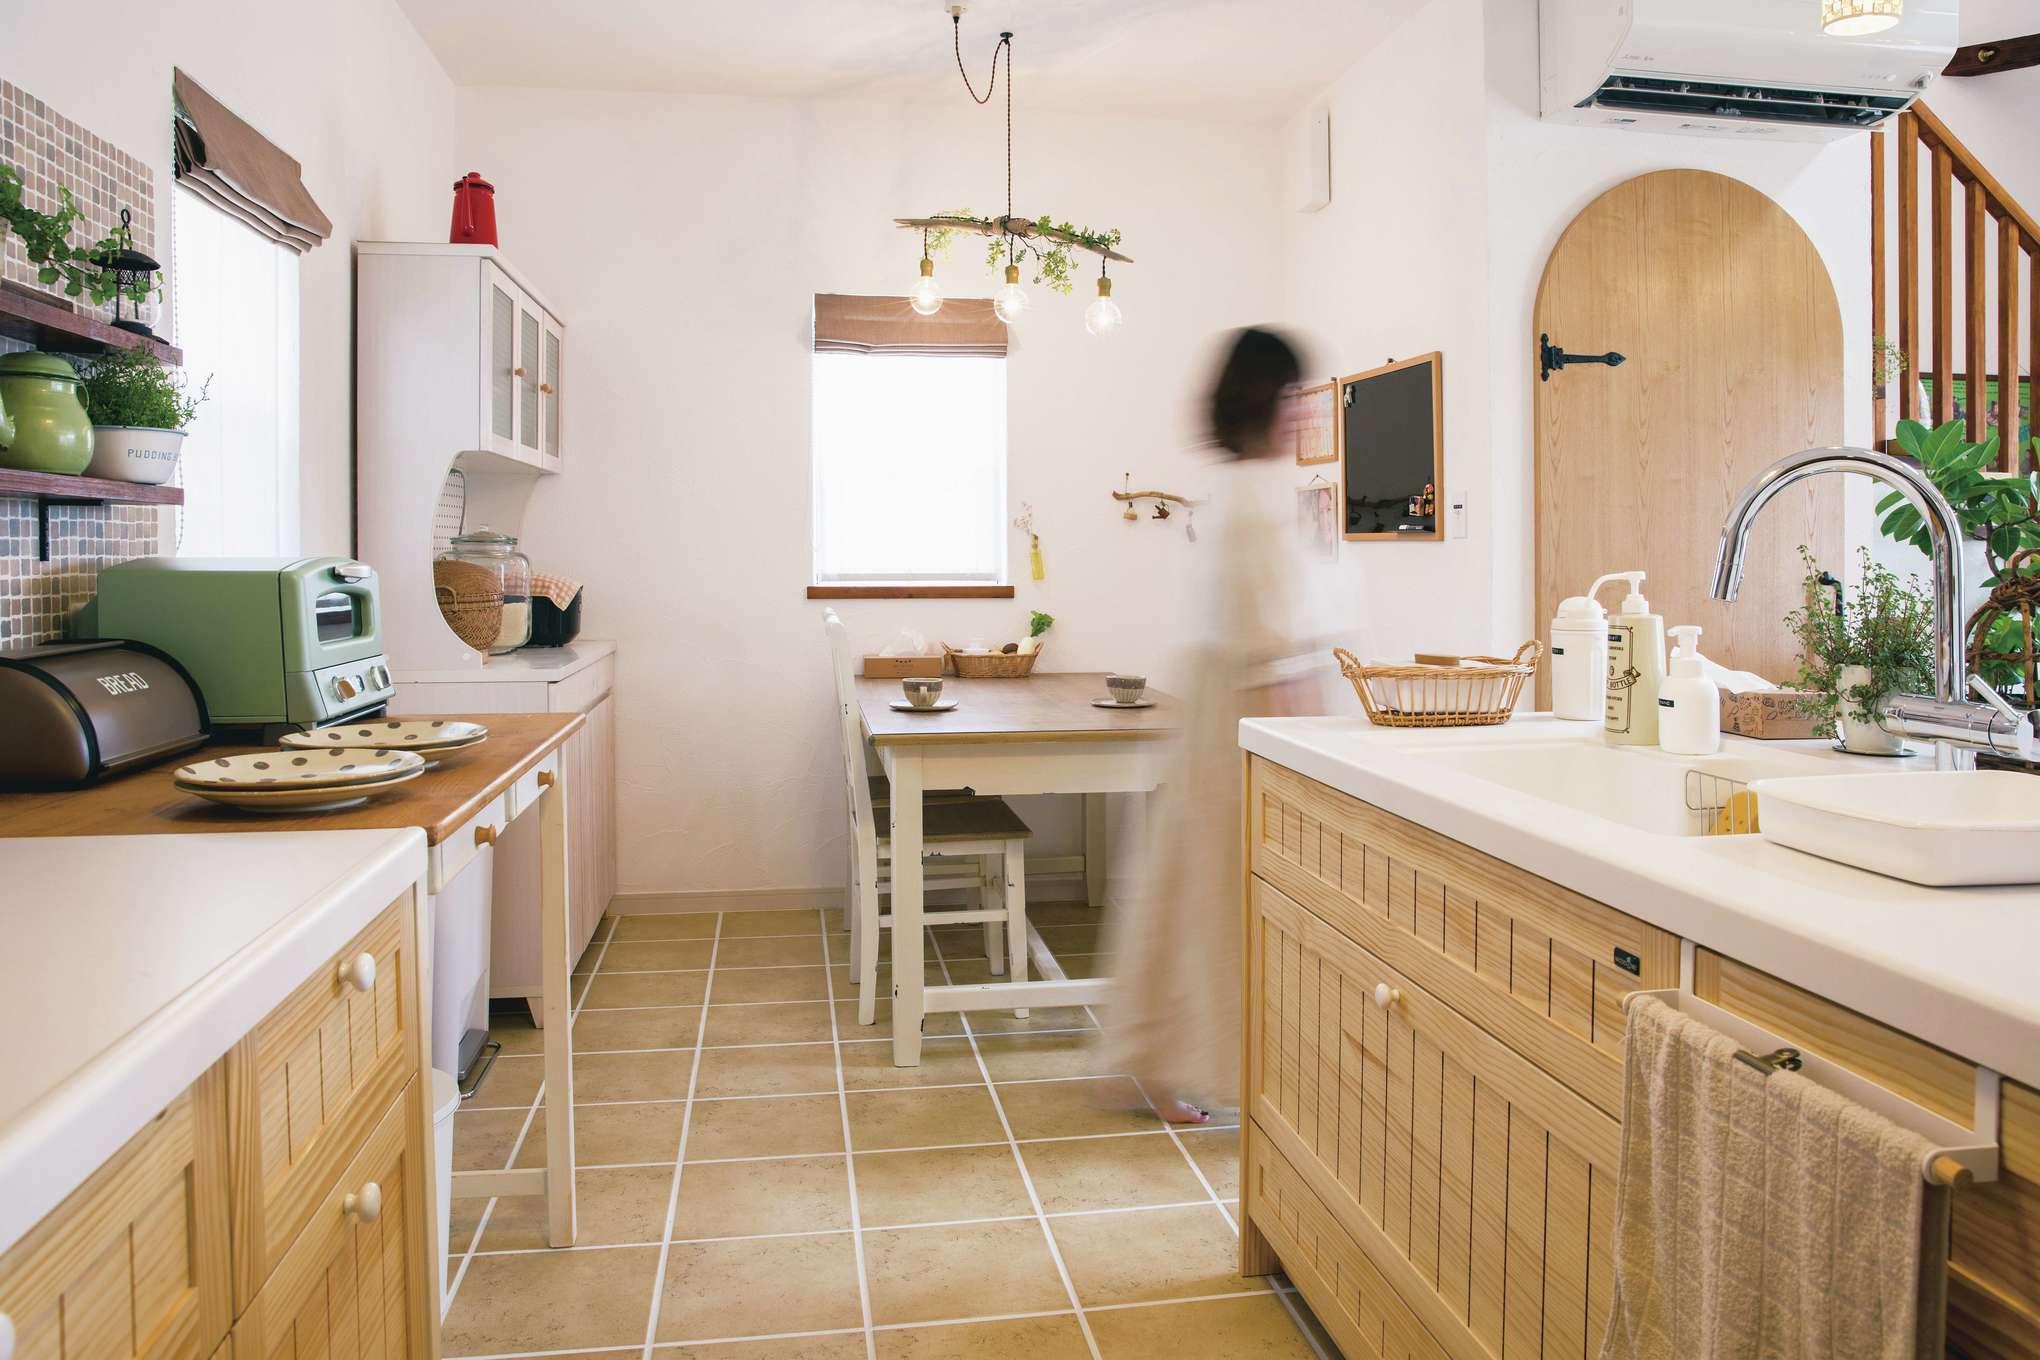 casa carina 浜北(内藤材木店)【デザイン住宅、自然素材、インテリア】カントリー調のキッチンは、タイルの目地を広めにするなど、ディテールまでこだわった